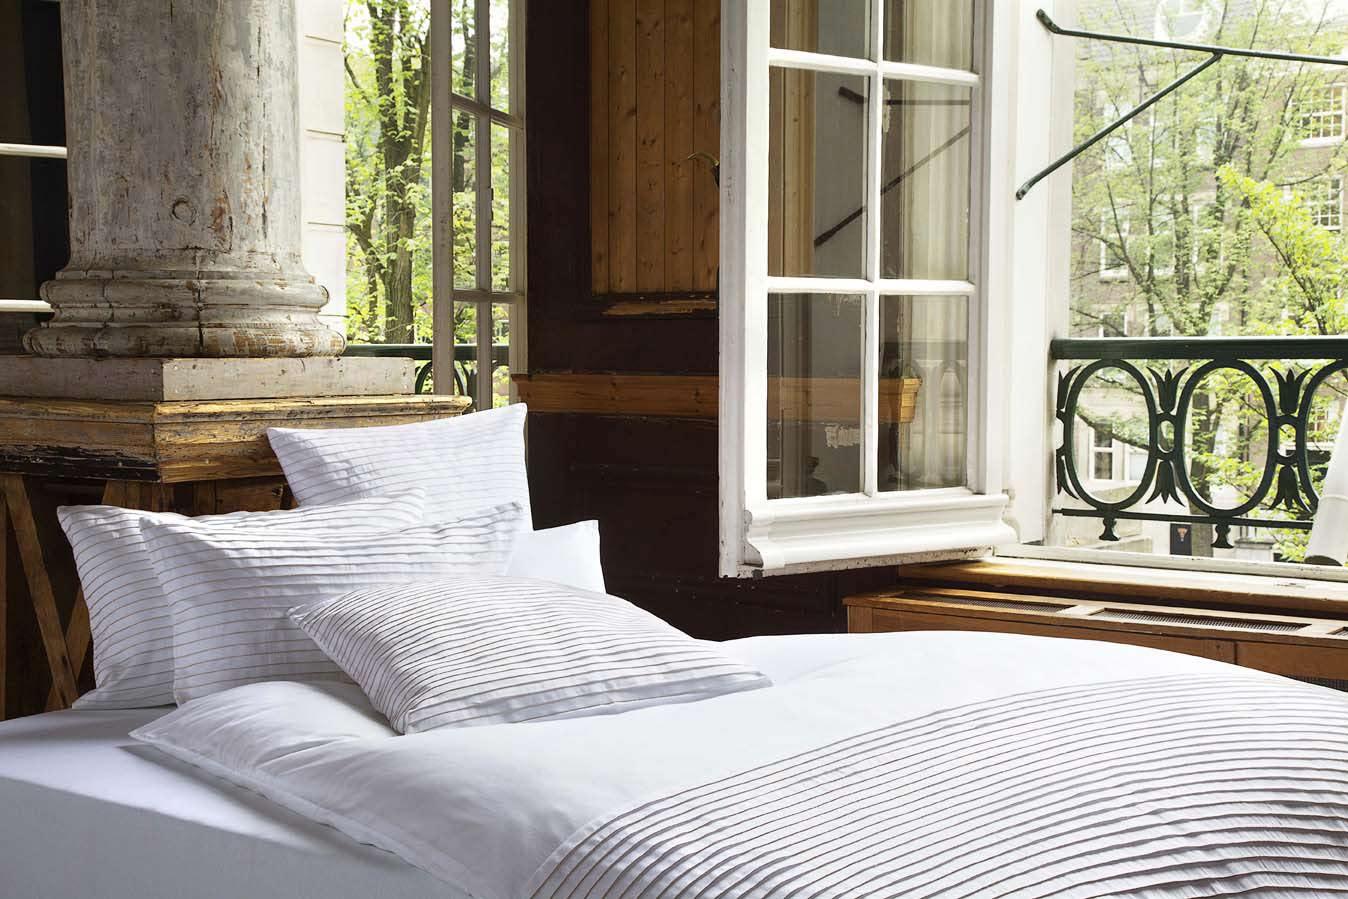 bettw sche ambiente raumausstattung. Black Bedroom Furniture Sets. Home Design Ideas